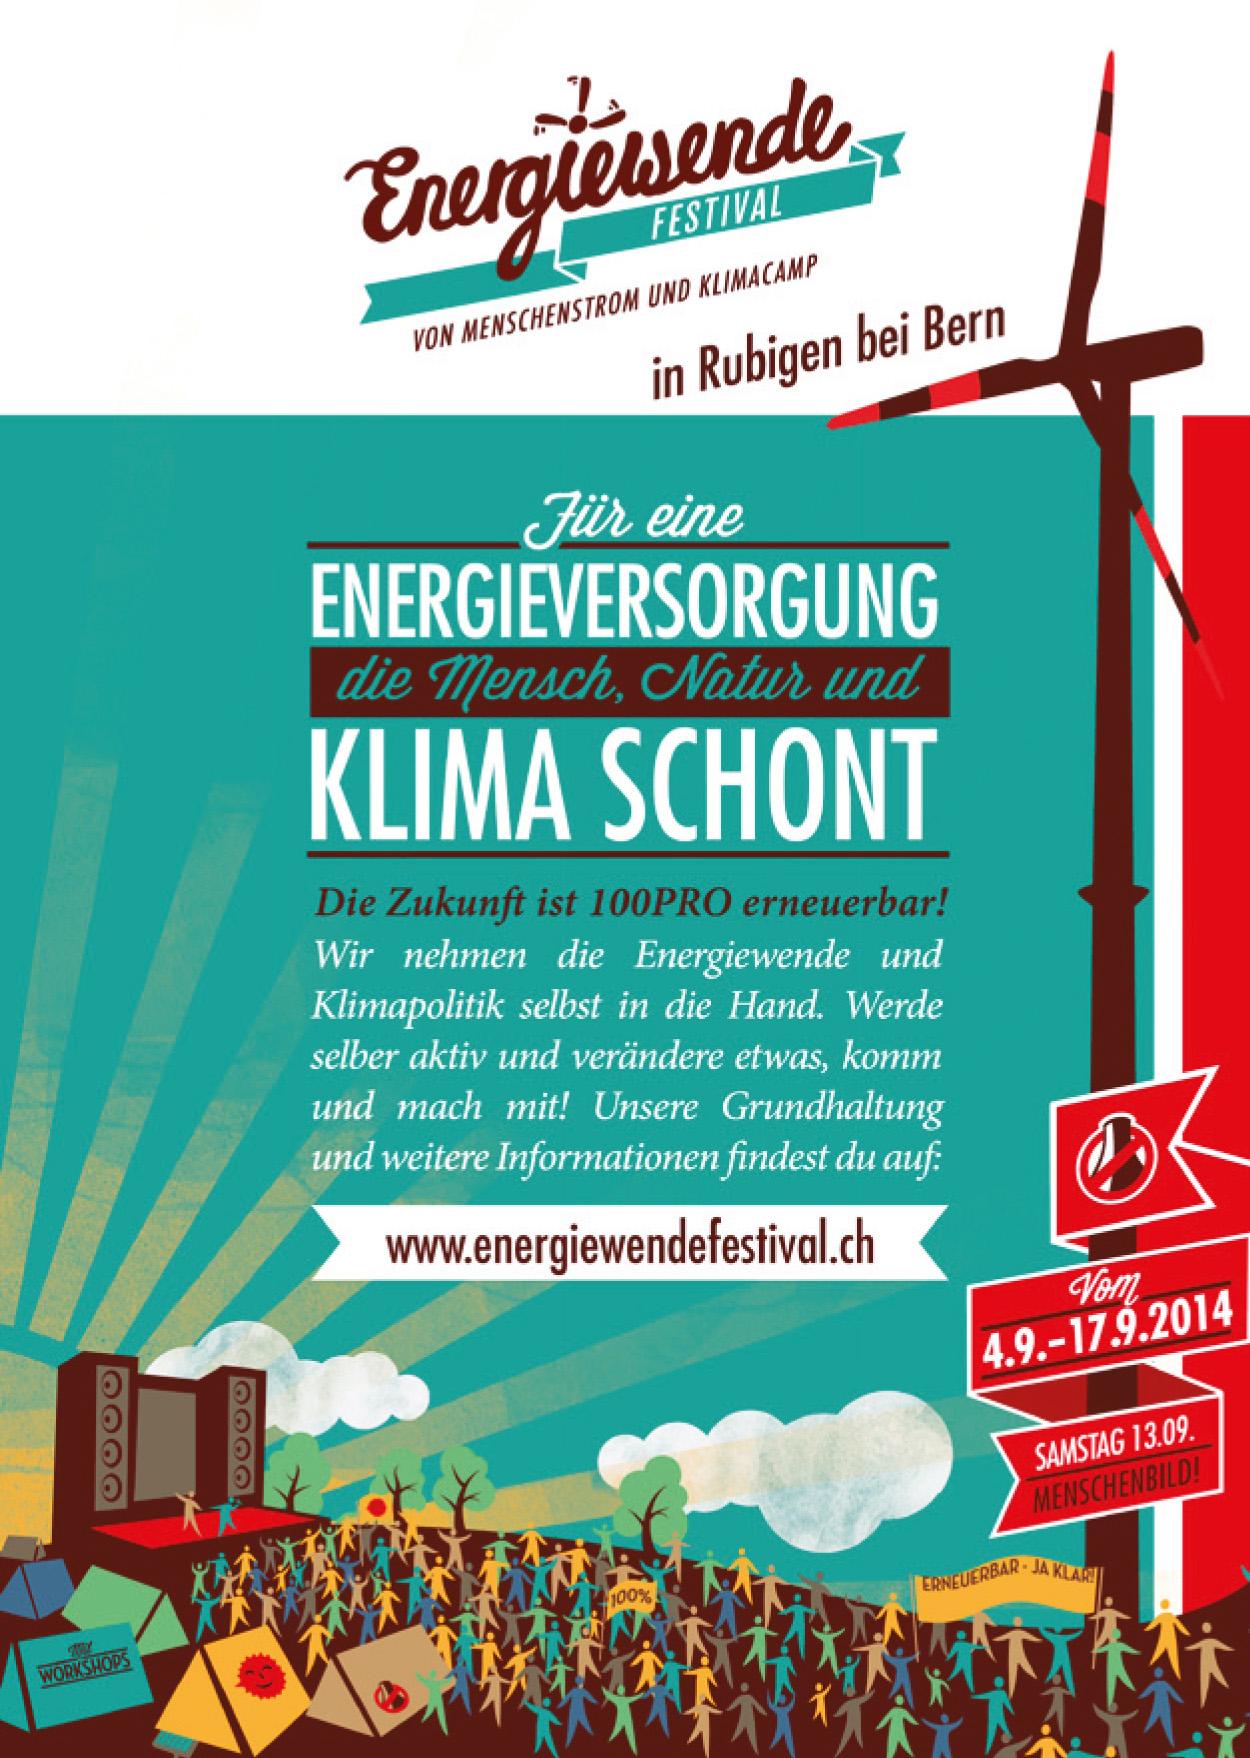 Energiewendefestival 2014